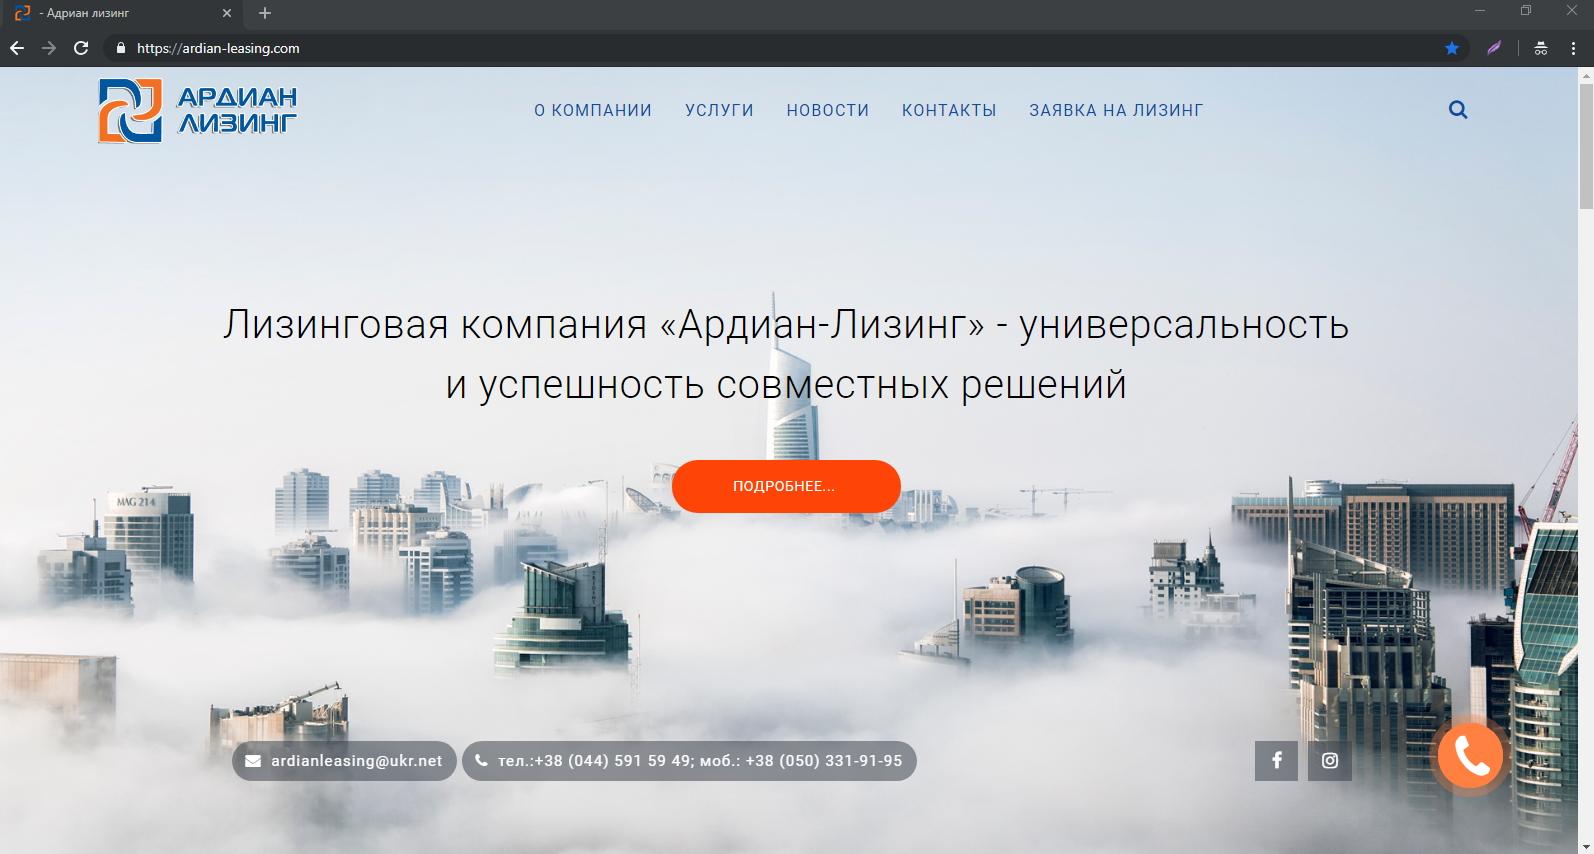 Разработка и техническая поддержка web-сайта компании Ардиан-Лизинг - Главная